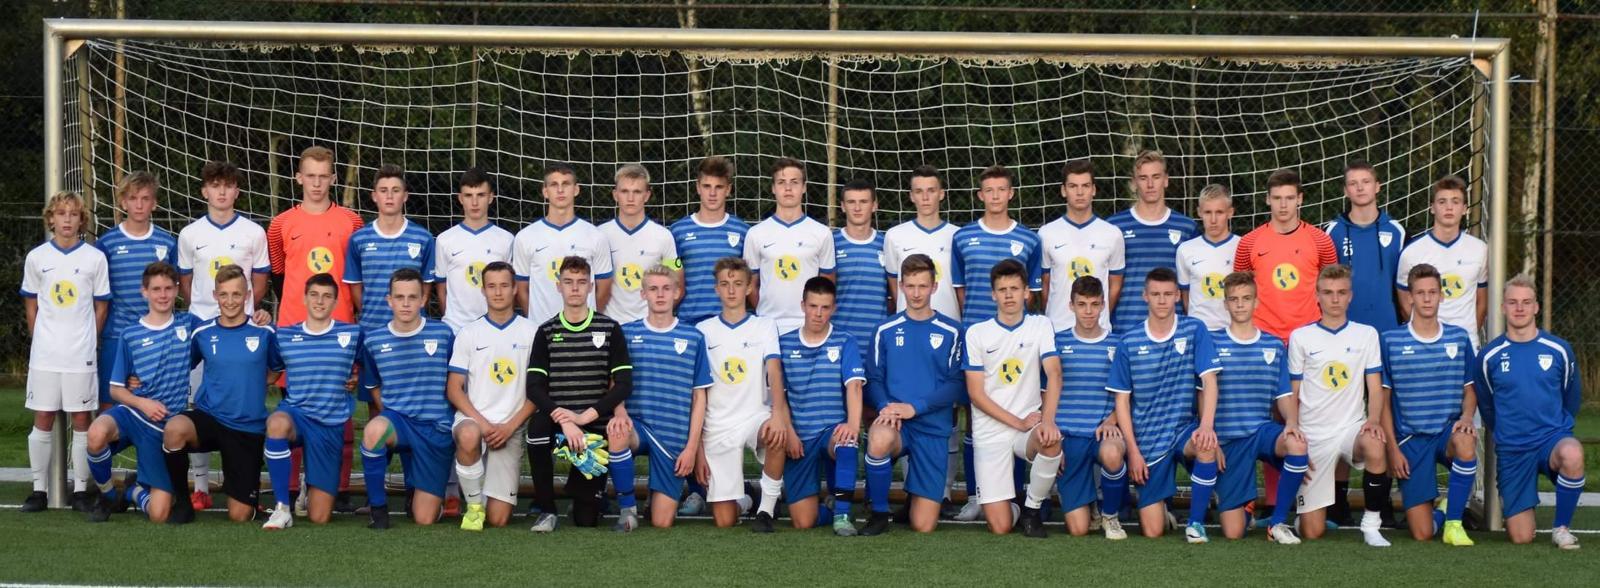 Kader des BSV-Kickers Emden U17 Niedersachsenliga